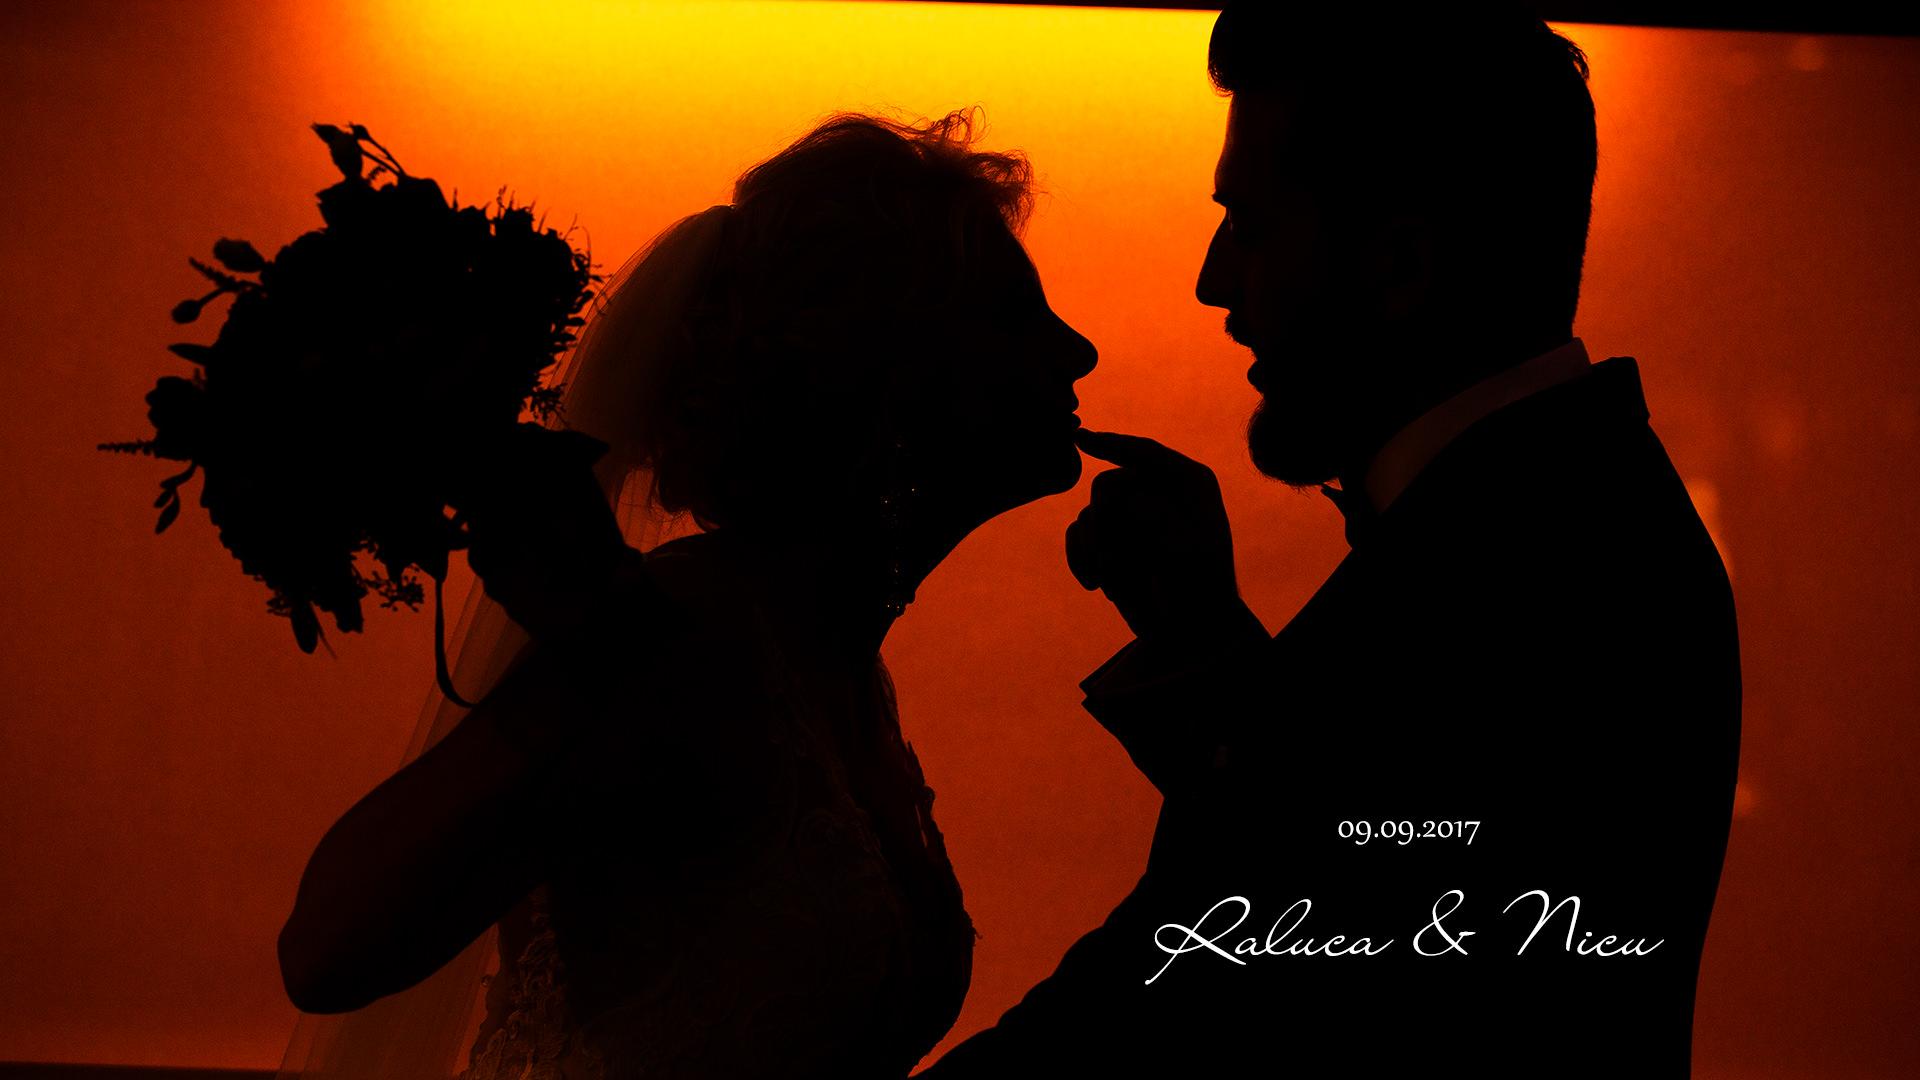 Slideshow De Nuntă – Raluca şi Nicu (nuntă Bucureşti)